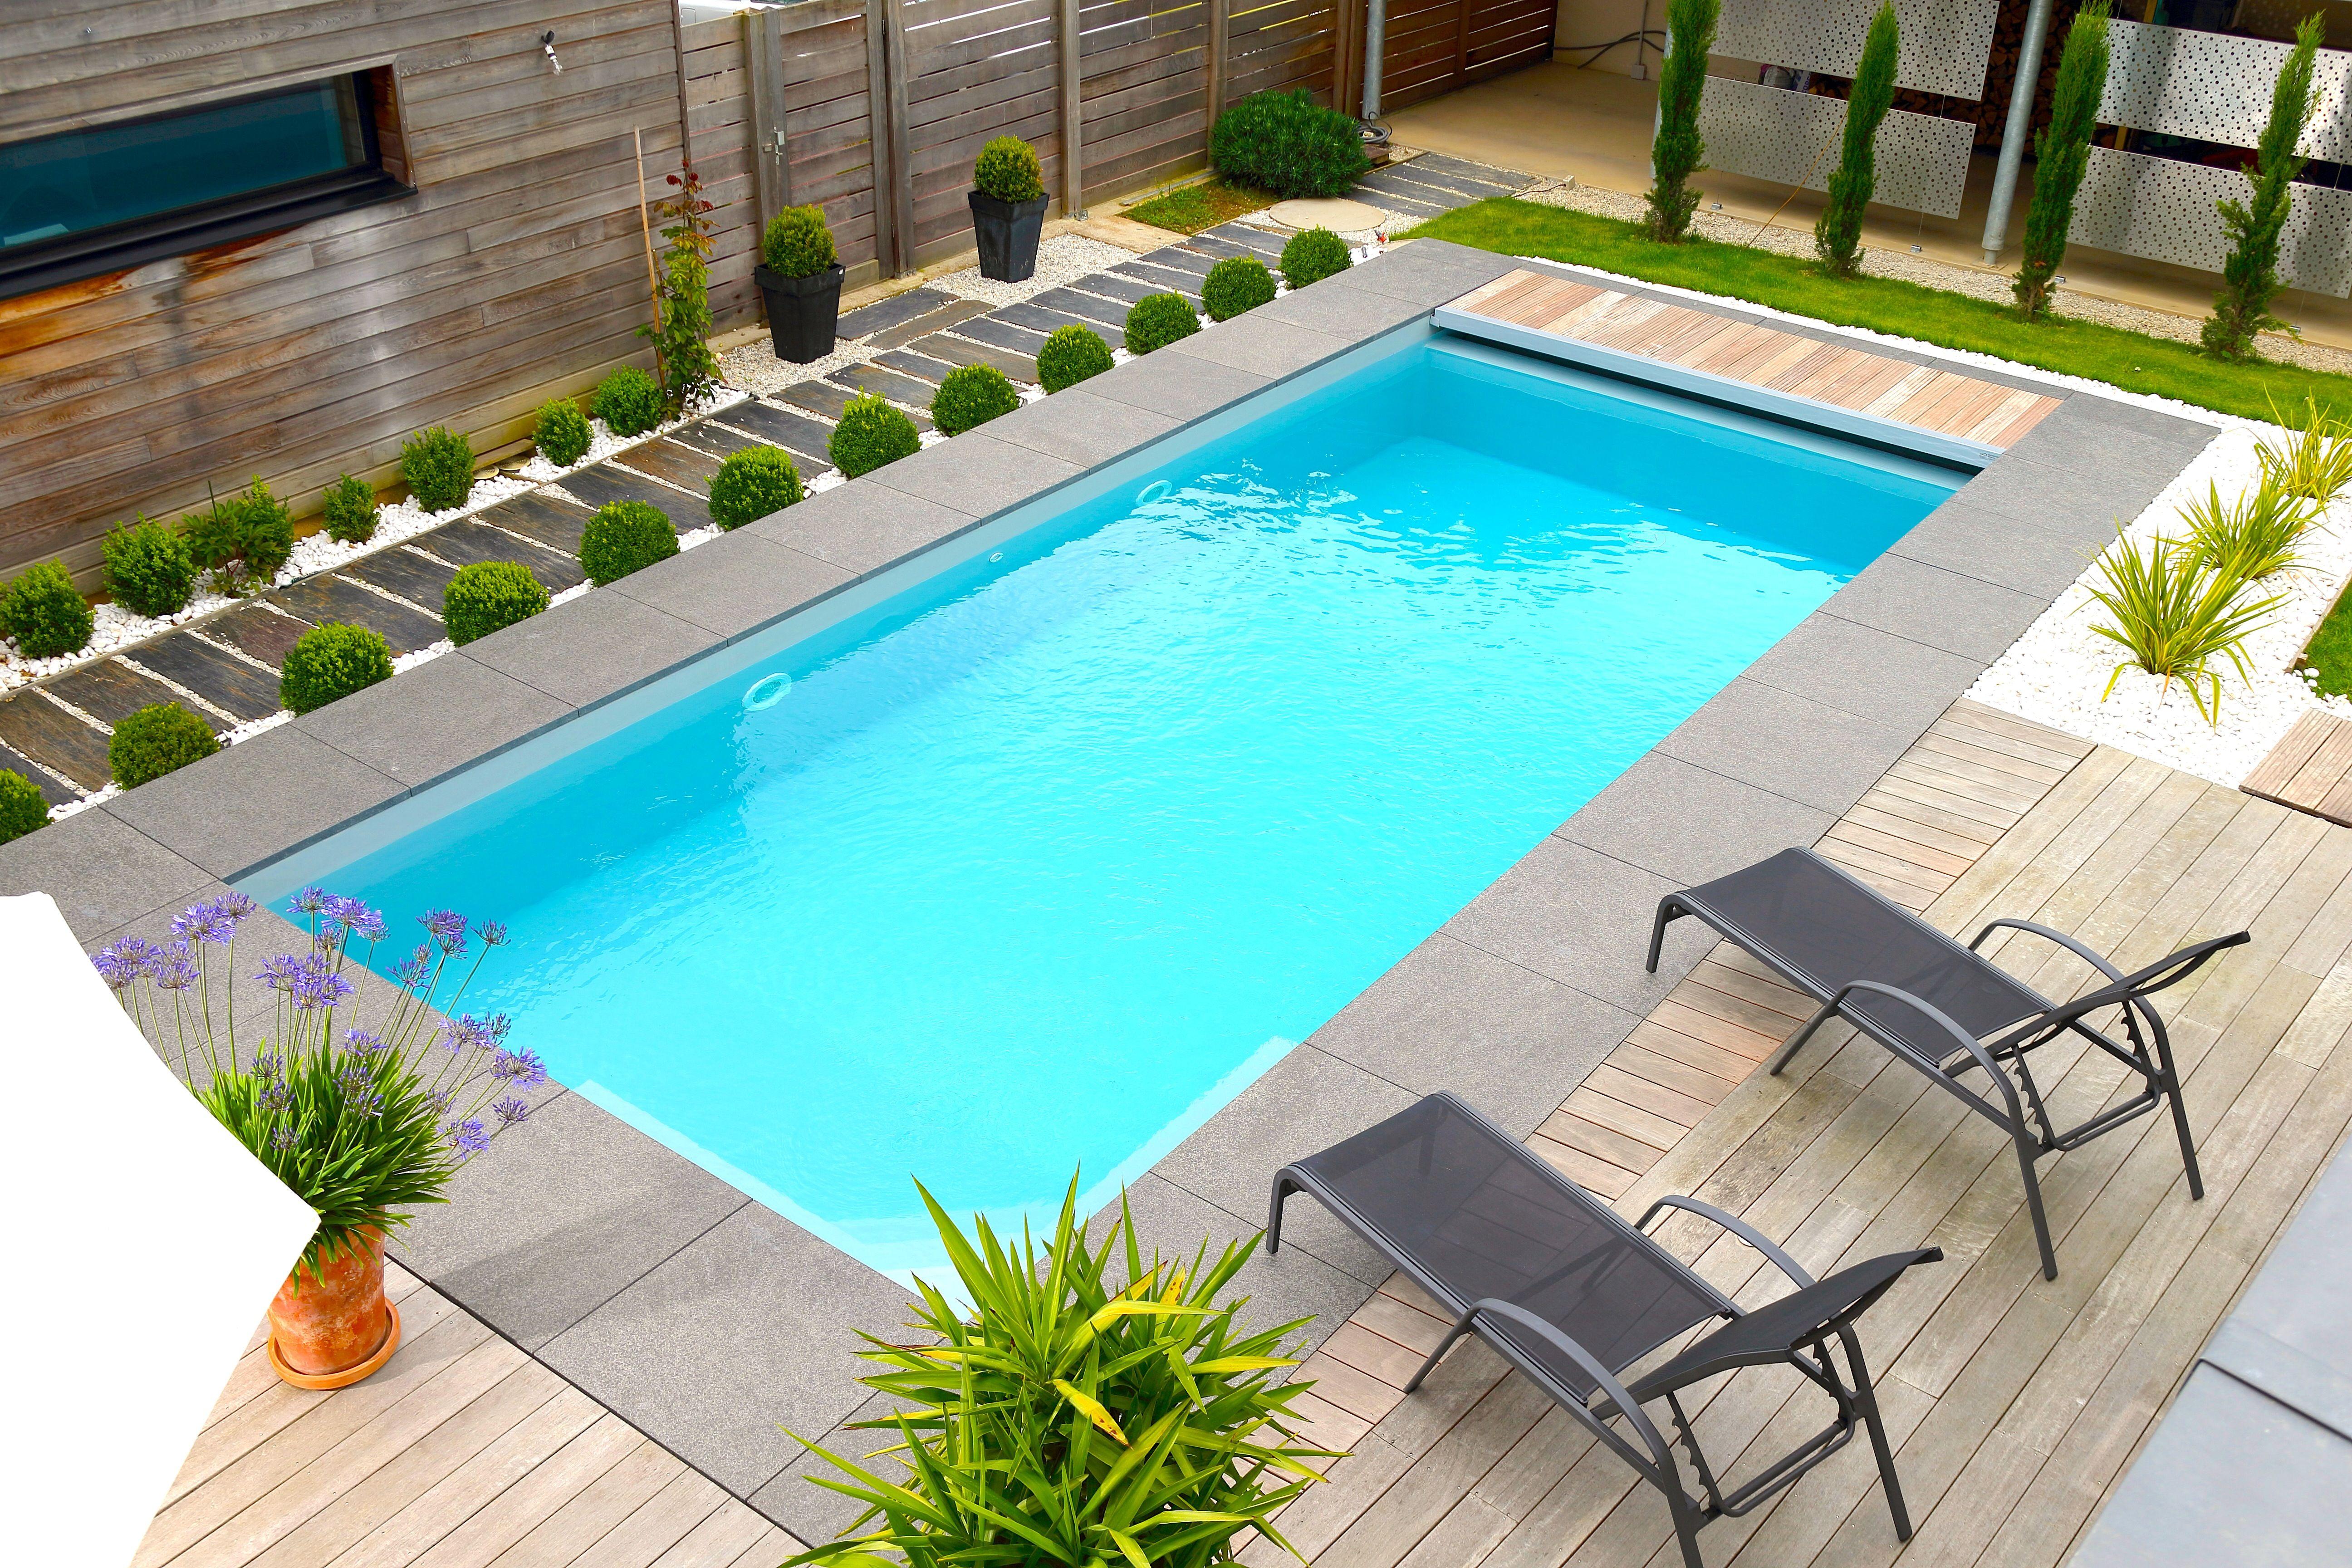 la piscine paysag e par l 39 esprit piscine 8 x 3 5 m. Black Bedroom Furniture Sets. Home Design Ideas